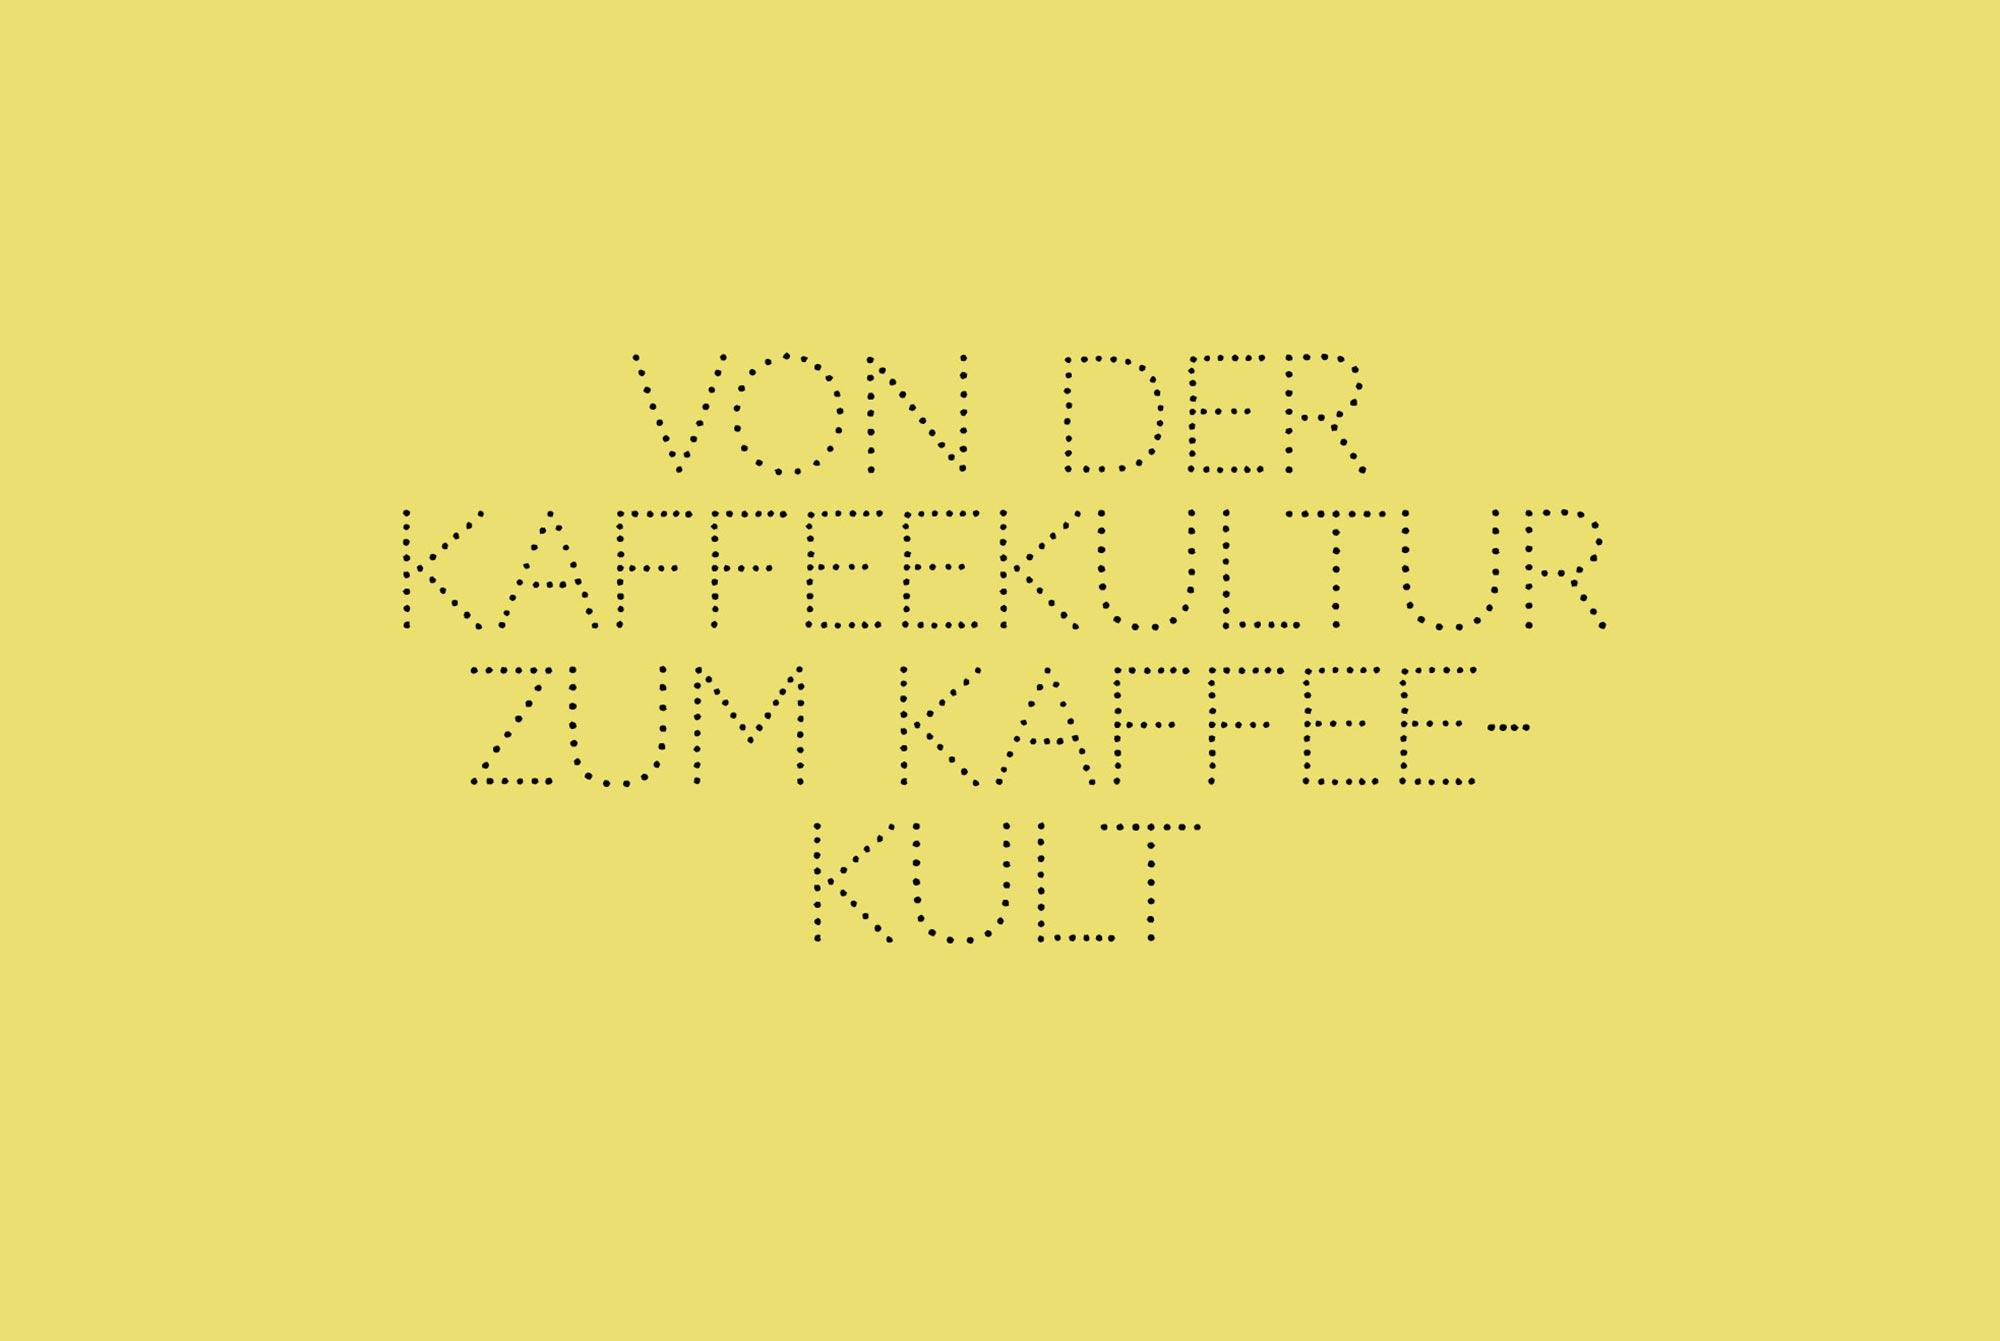 designkitchen-slogan-levinsky.jpg